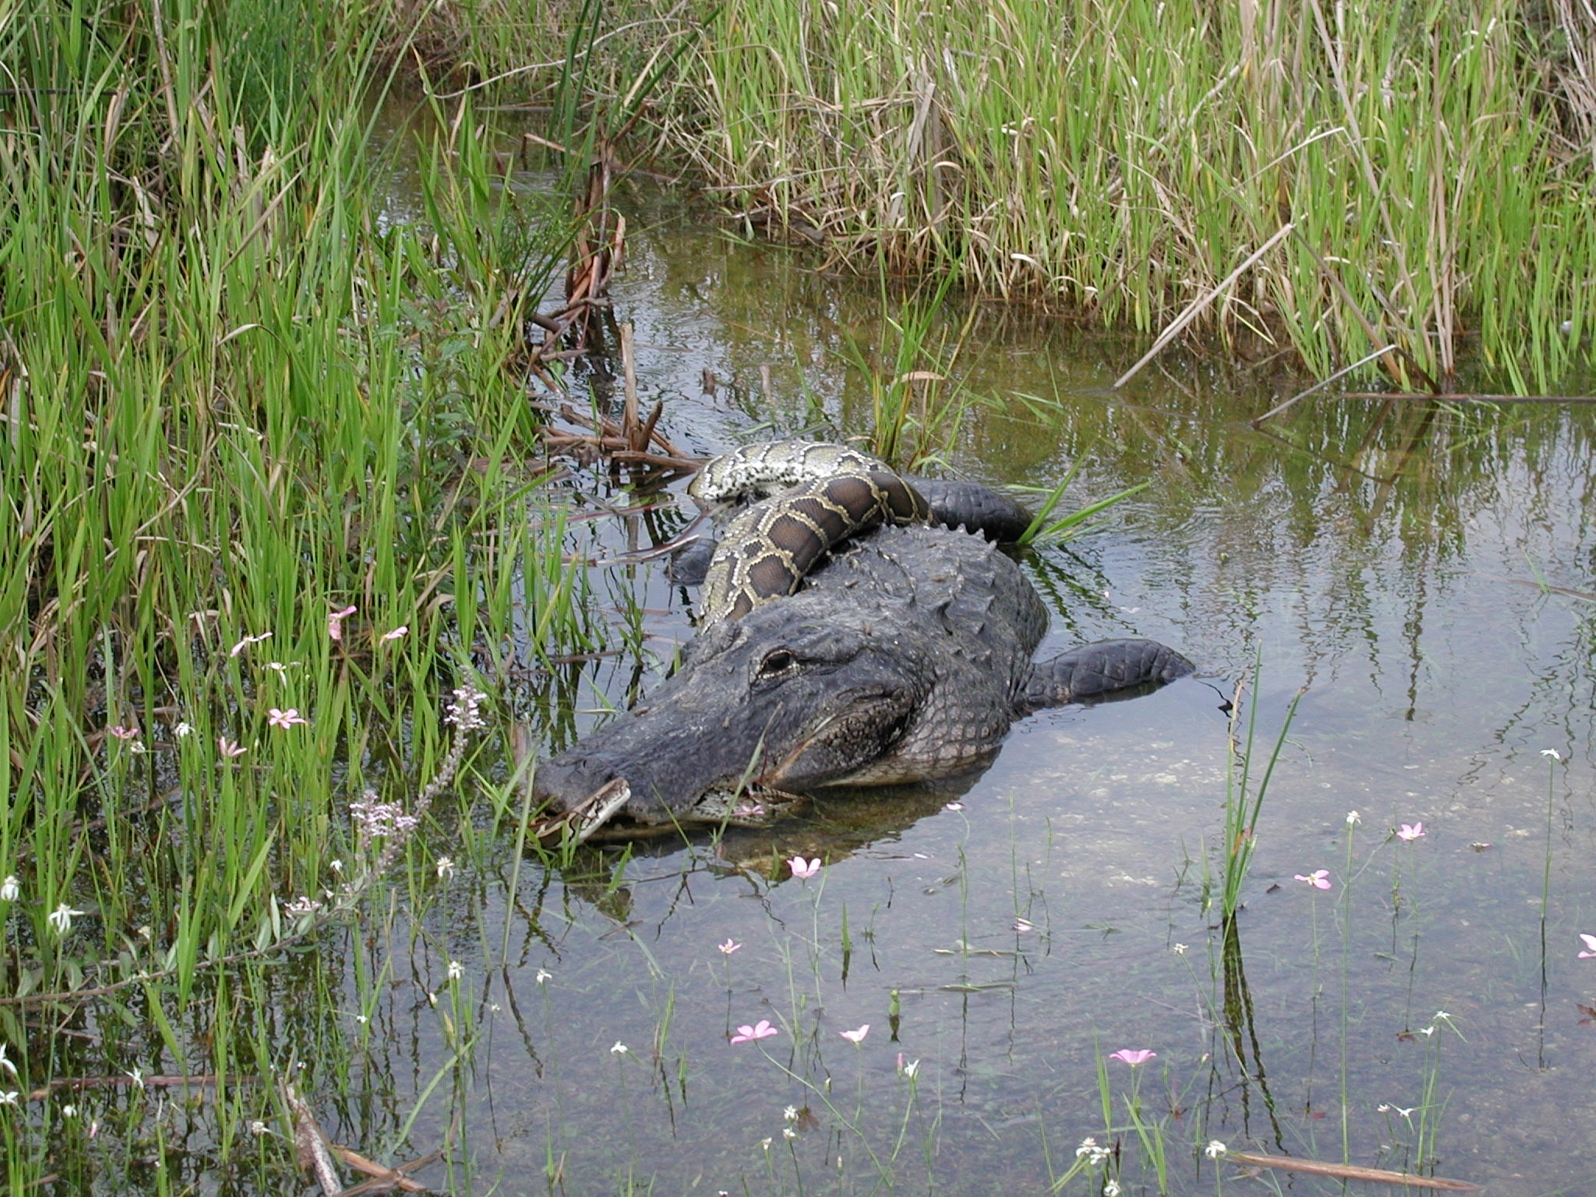 Everglades National Park Final Exam